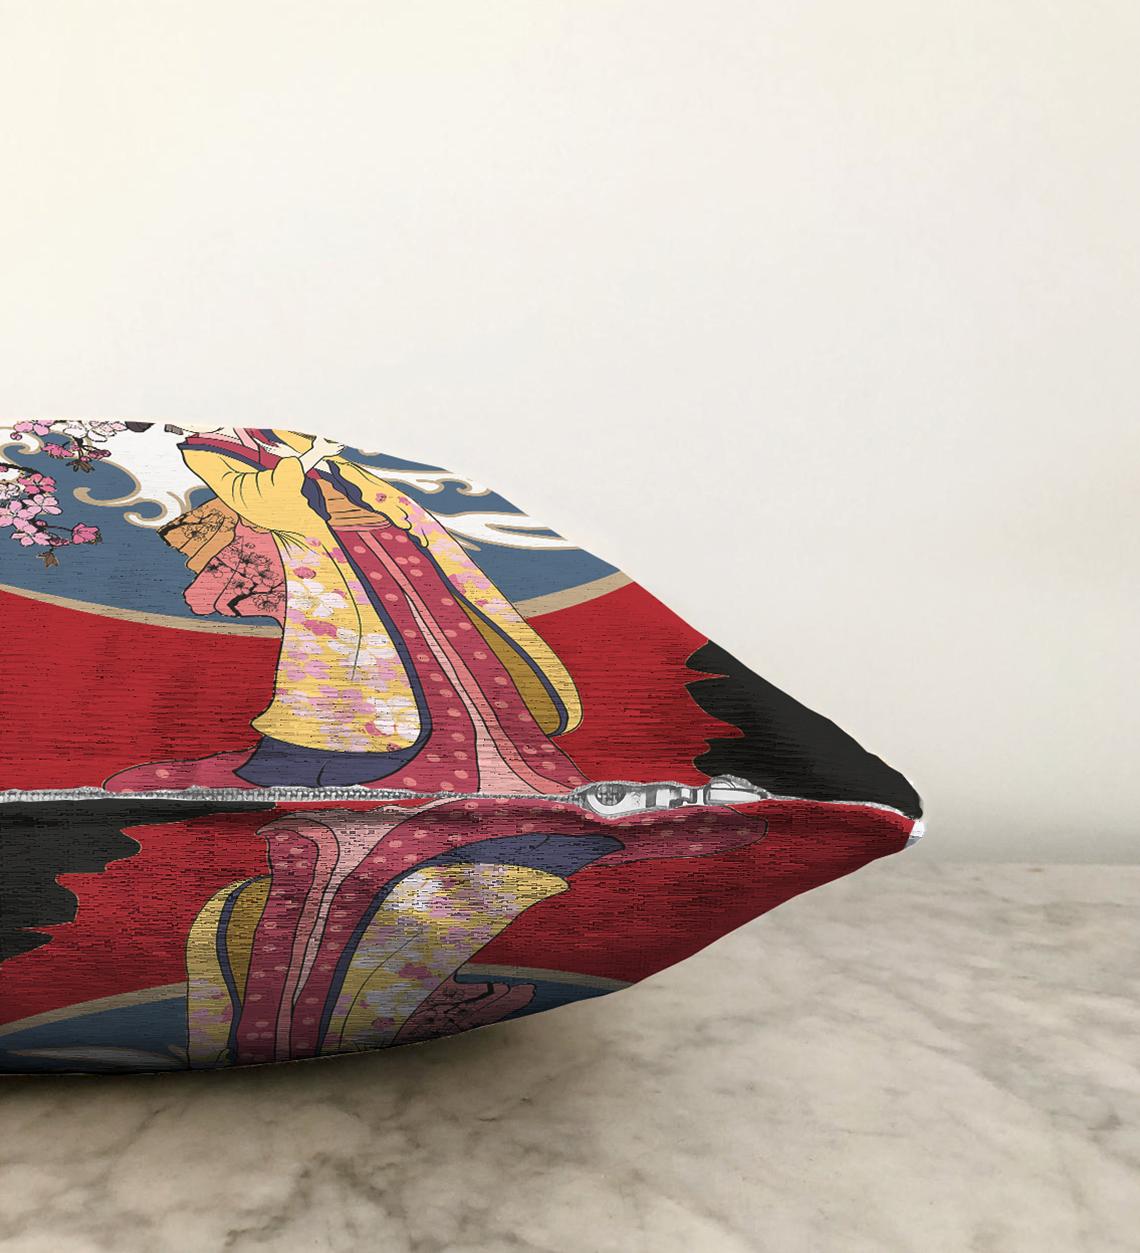 Çift Taraflı Yelpazeli Japon Kadın Motifli Dekoratif Şönil Yastık Kılıfı - 55 x 55 cm Realhomes